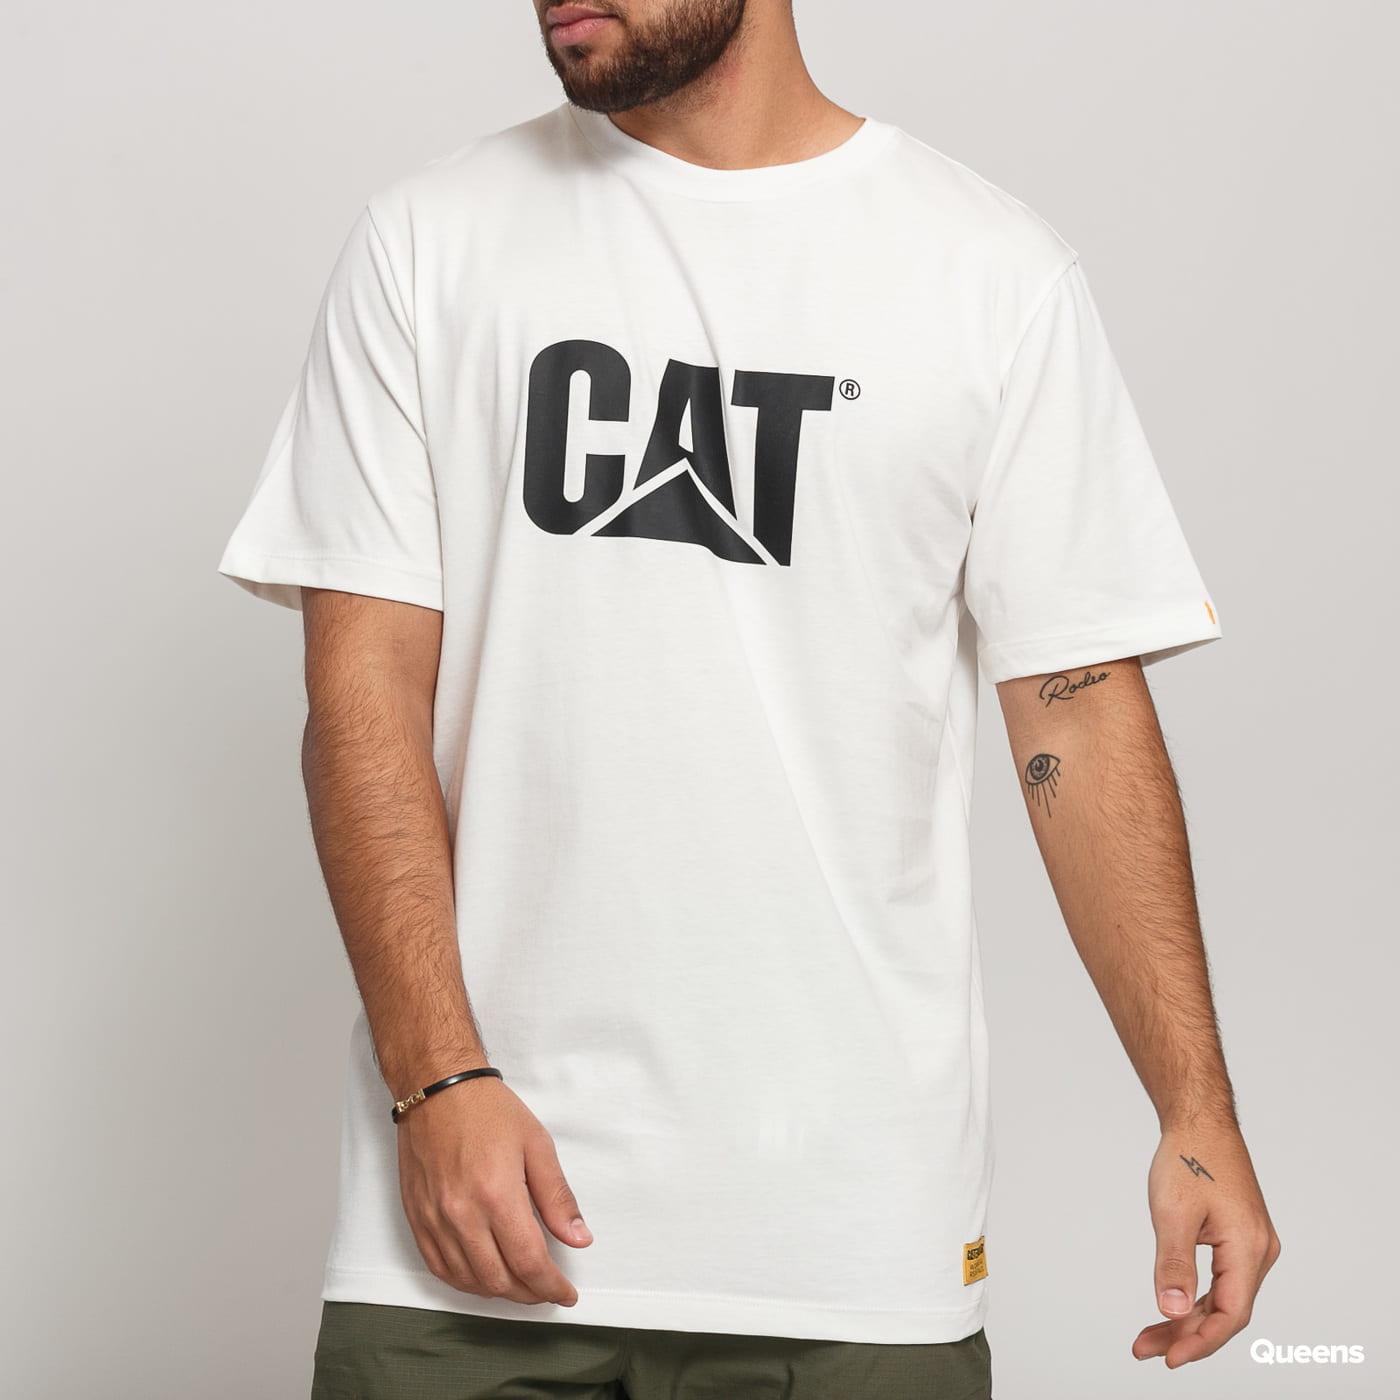 CATERPILLAR Classic CAT Tee blue / turquoise